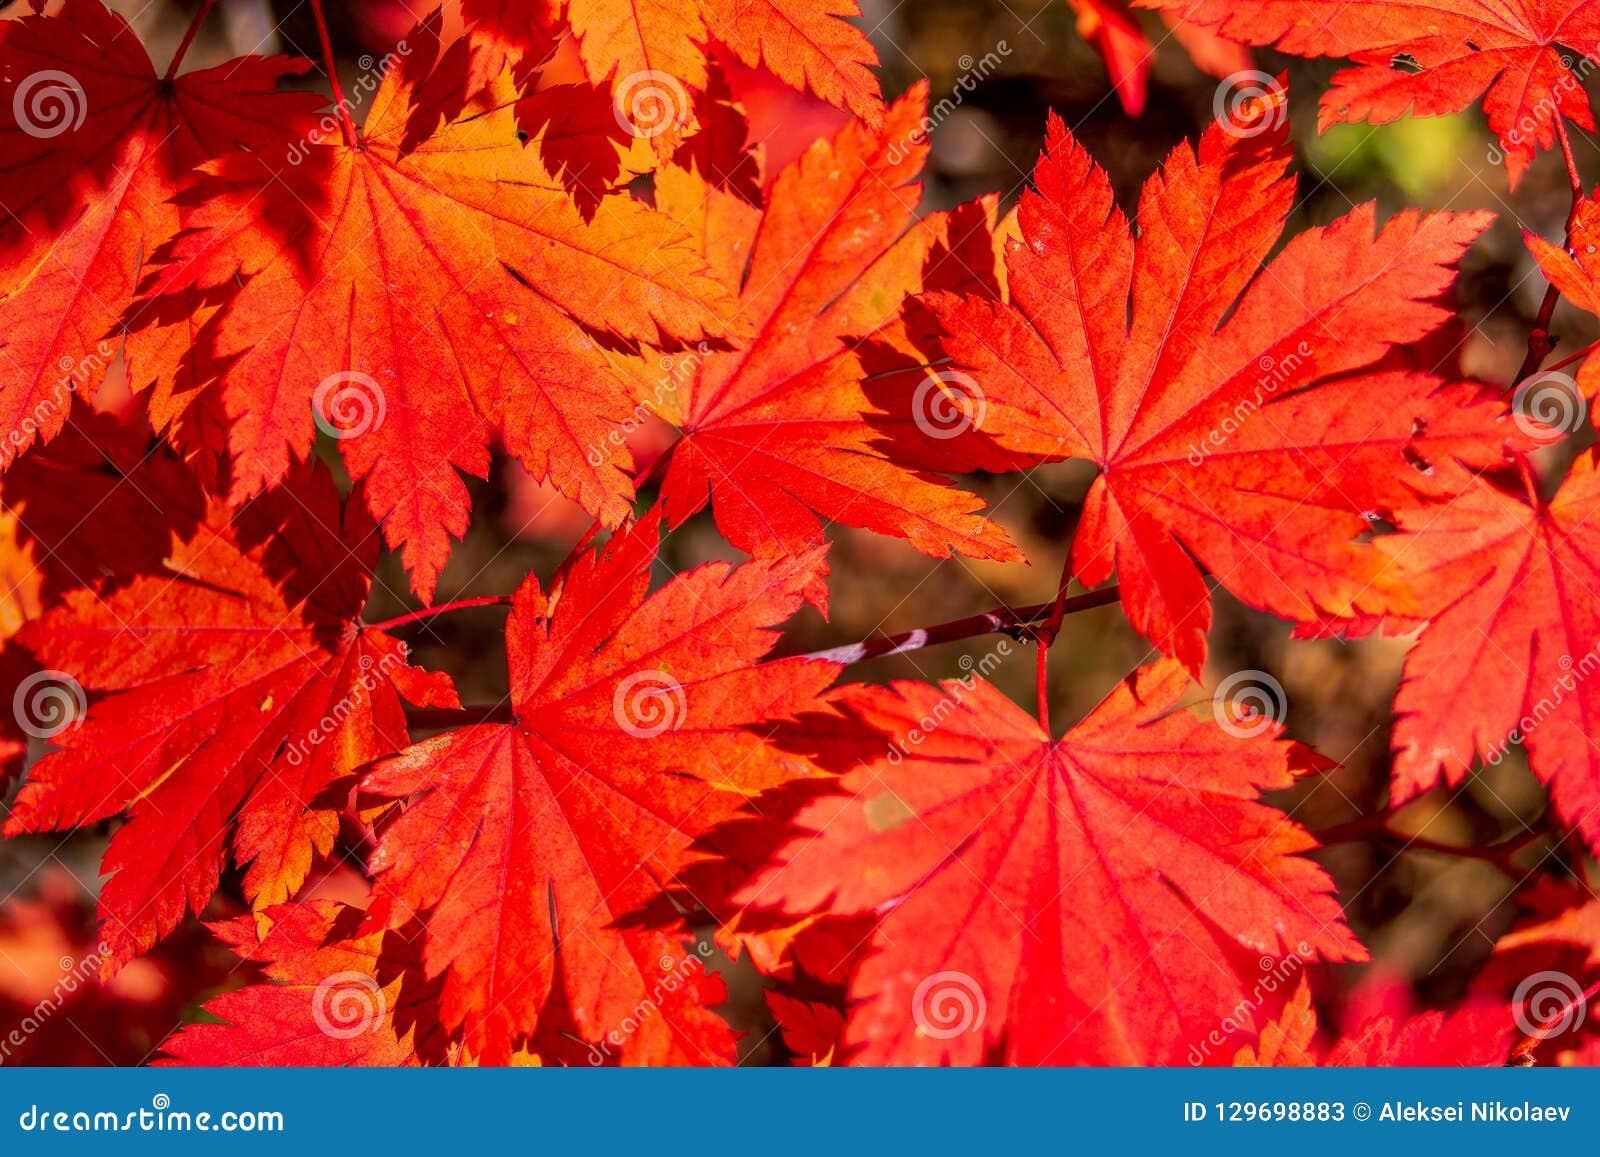 Des feuilles d automne jaunes et rouges